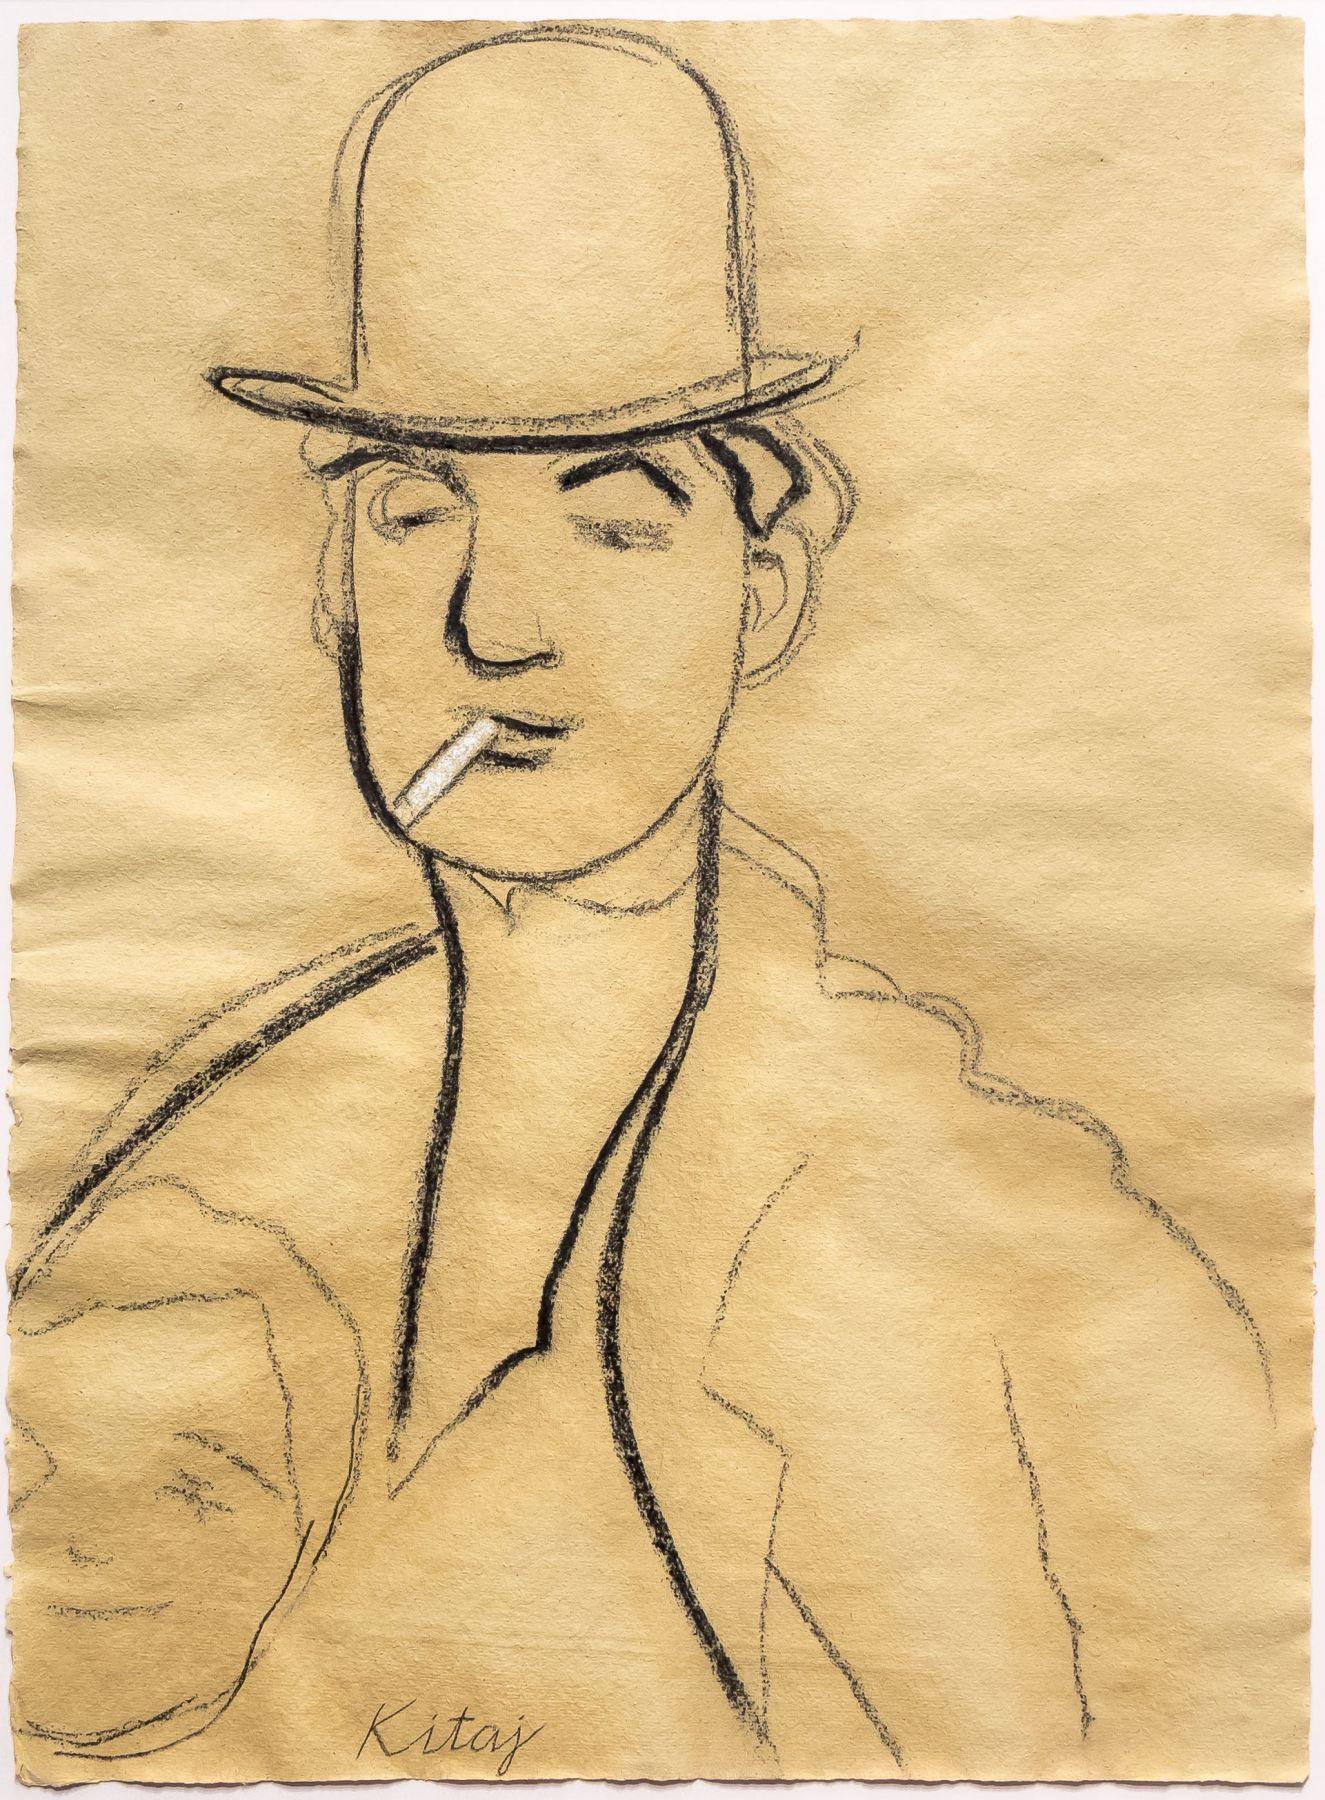 Jules Pascin by R.B. Kitaj